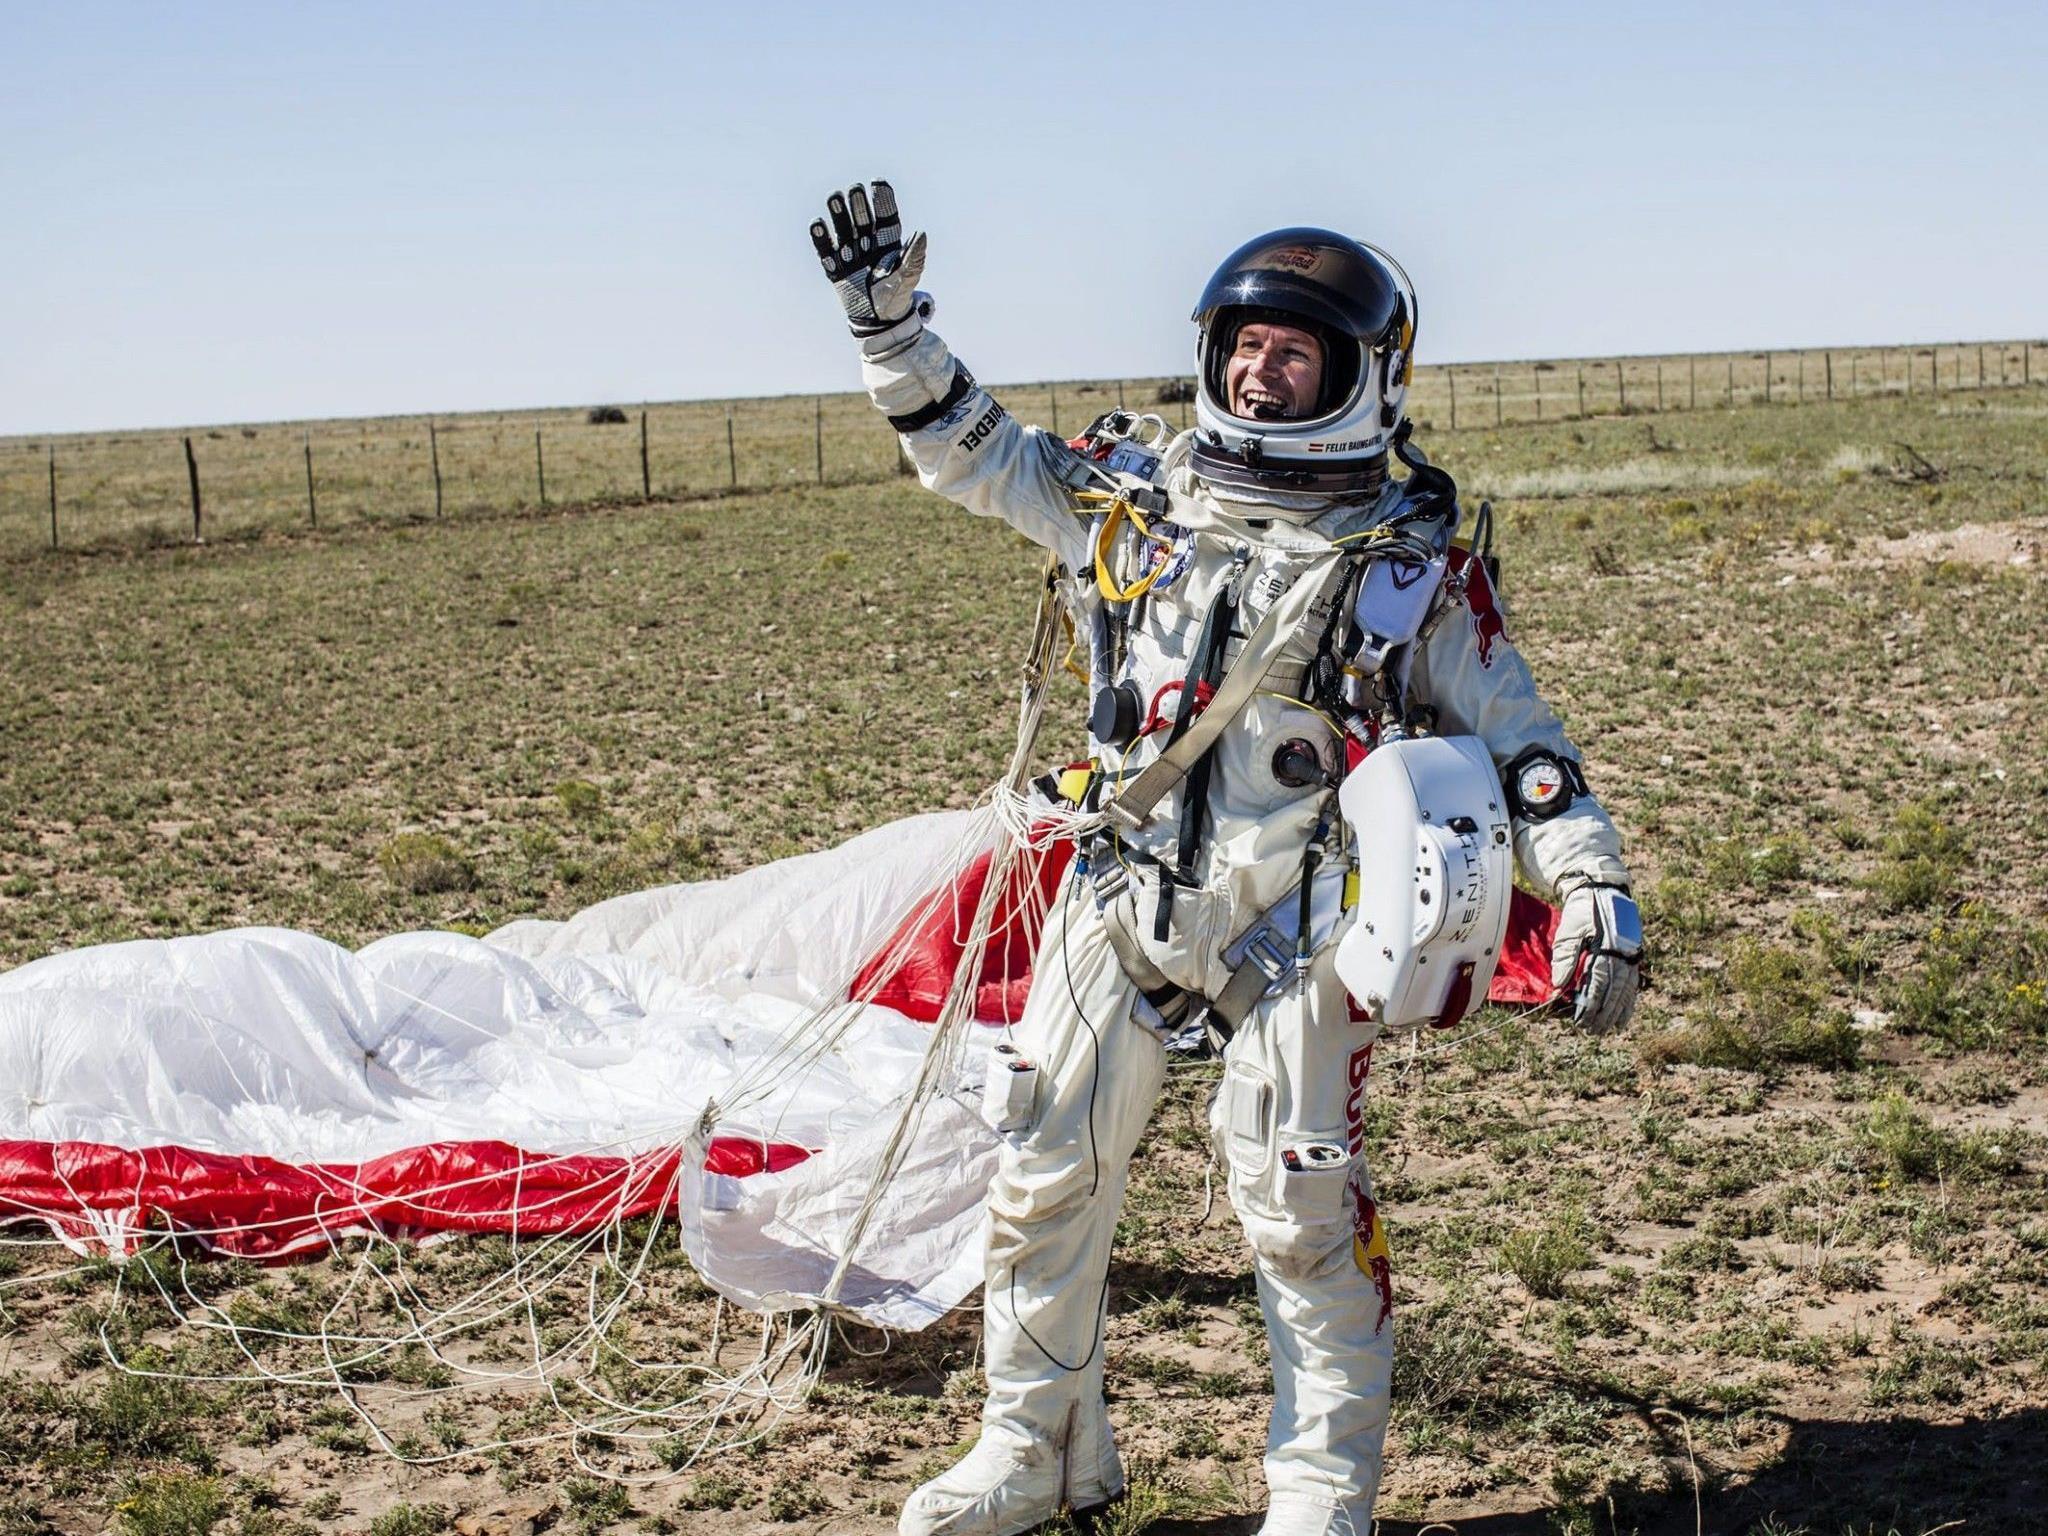 Felix Baumgartner nach der sicheren Landung: 1.342,8 km/h geschafft, drei Rekorde gebrochen.